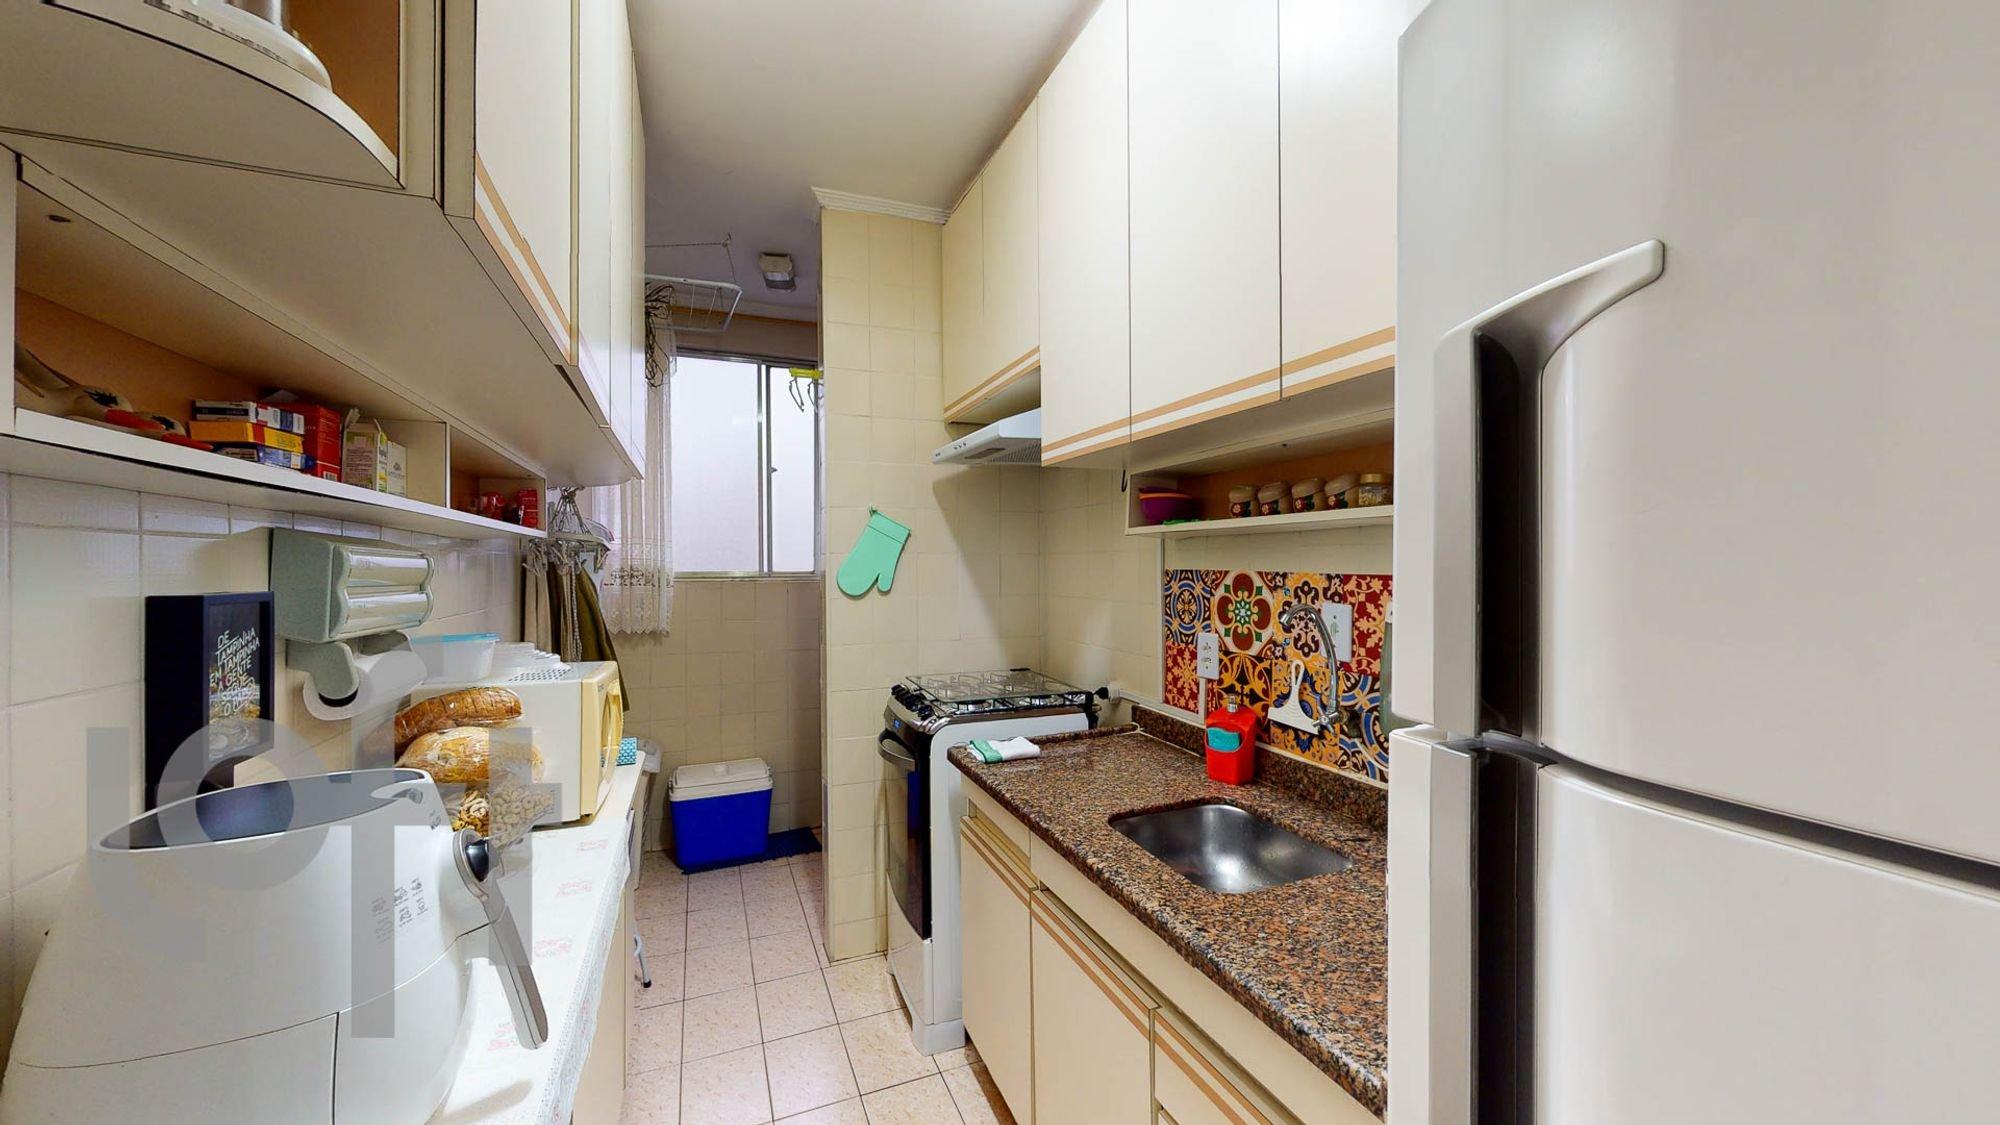 Foto de Cozinha com geladeira, pia, garrafa